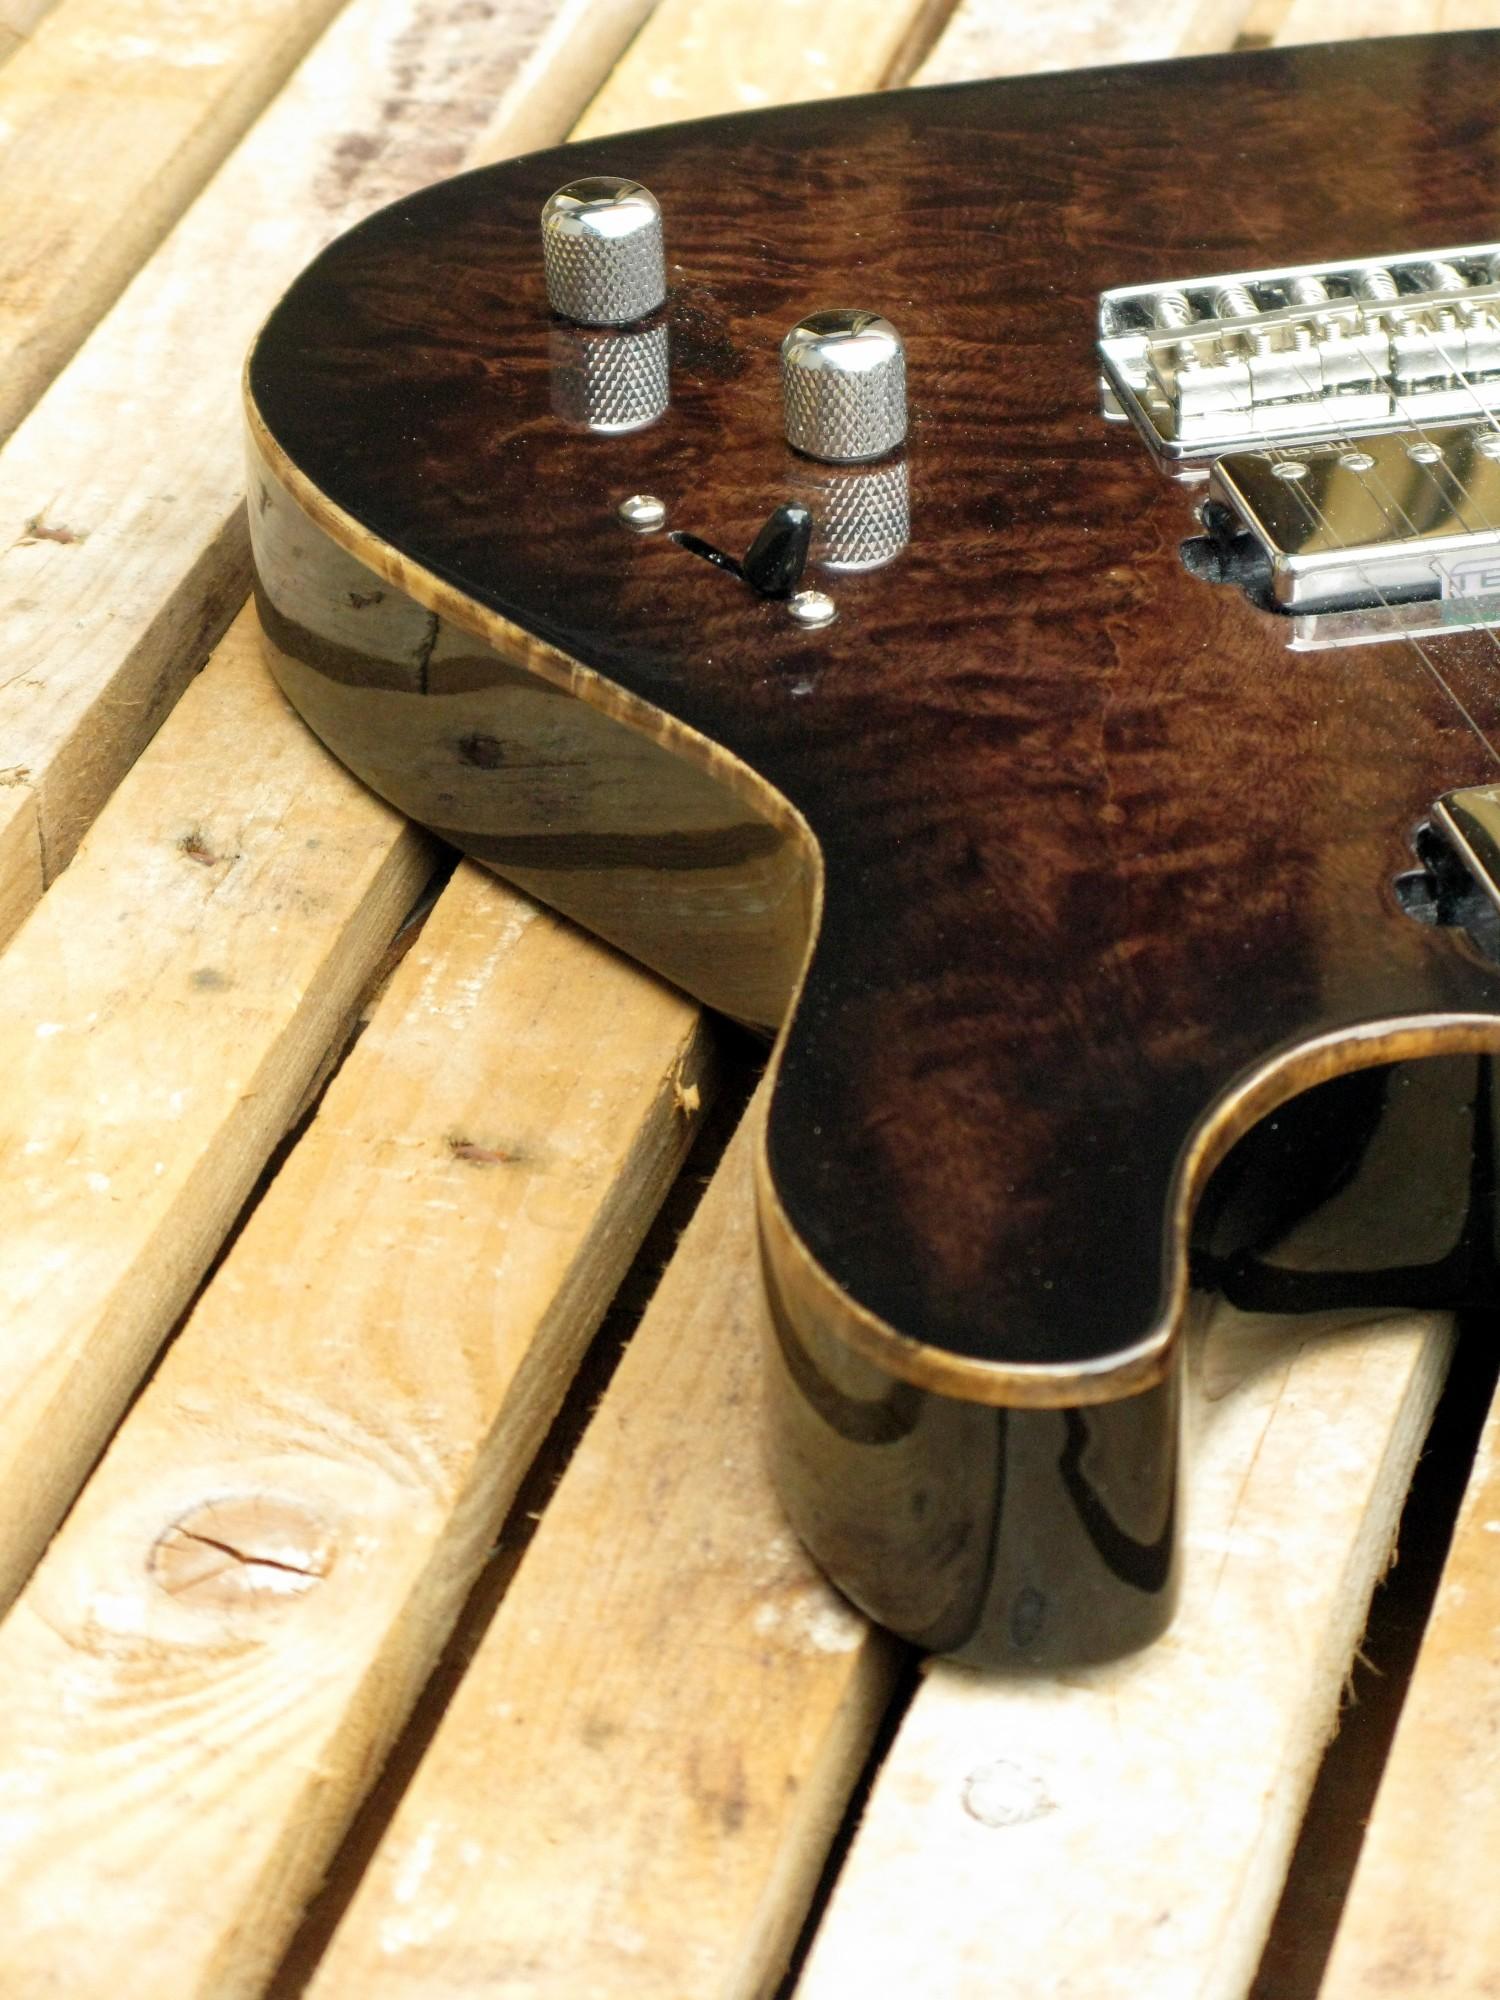 Fake binding sul body in pioppo di una chitarra elettrica Telecaster con manico in acero